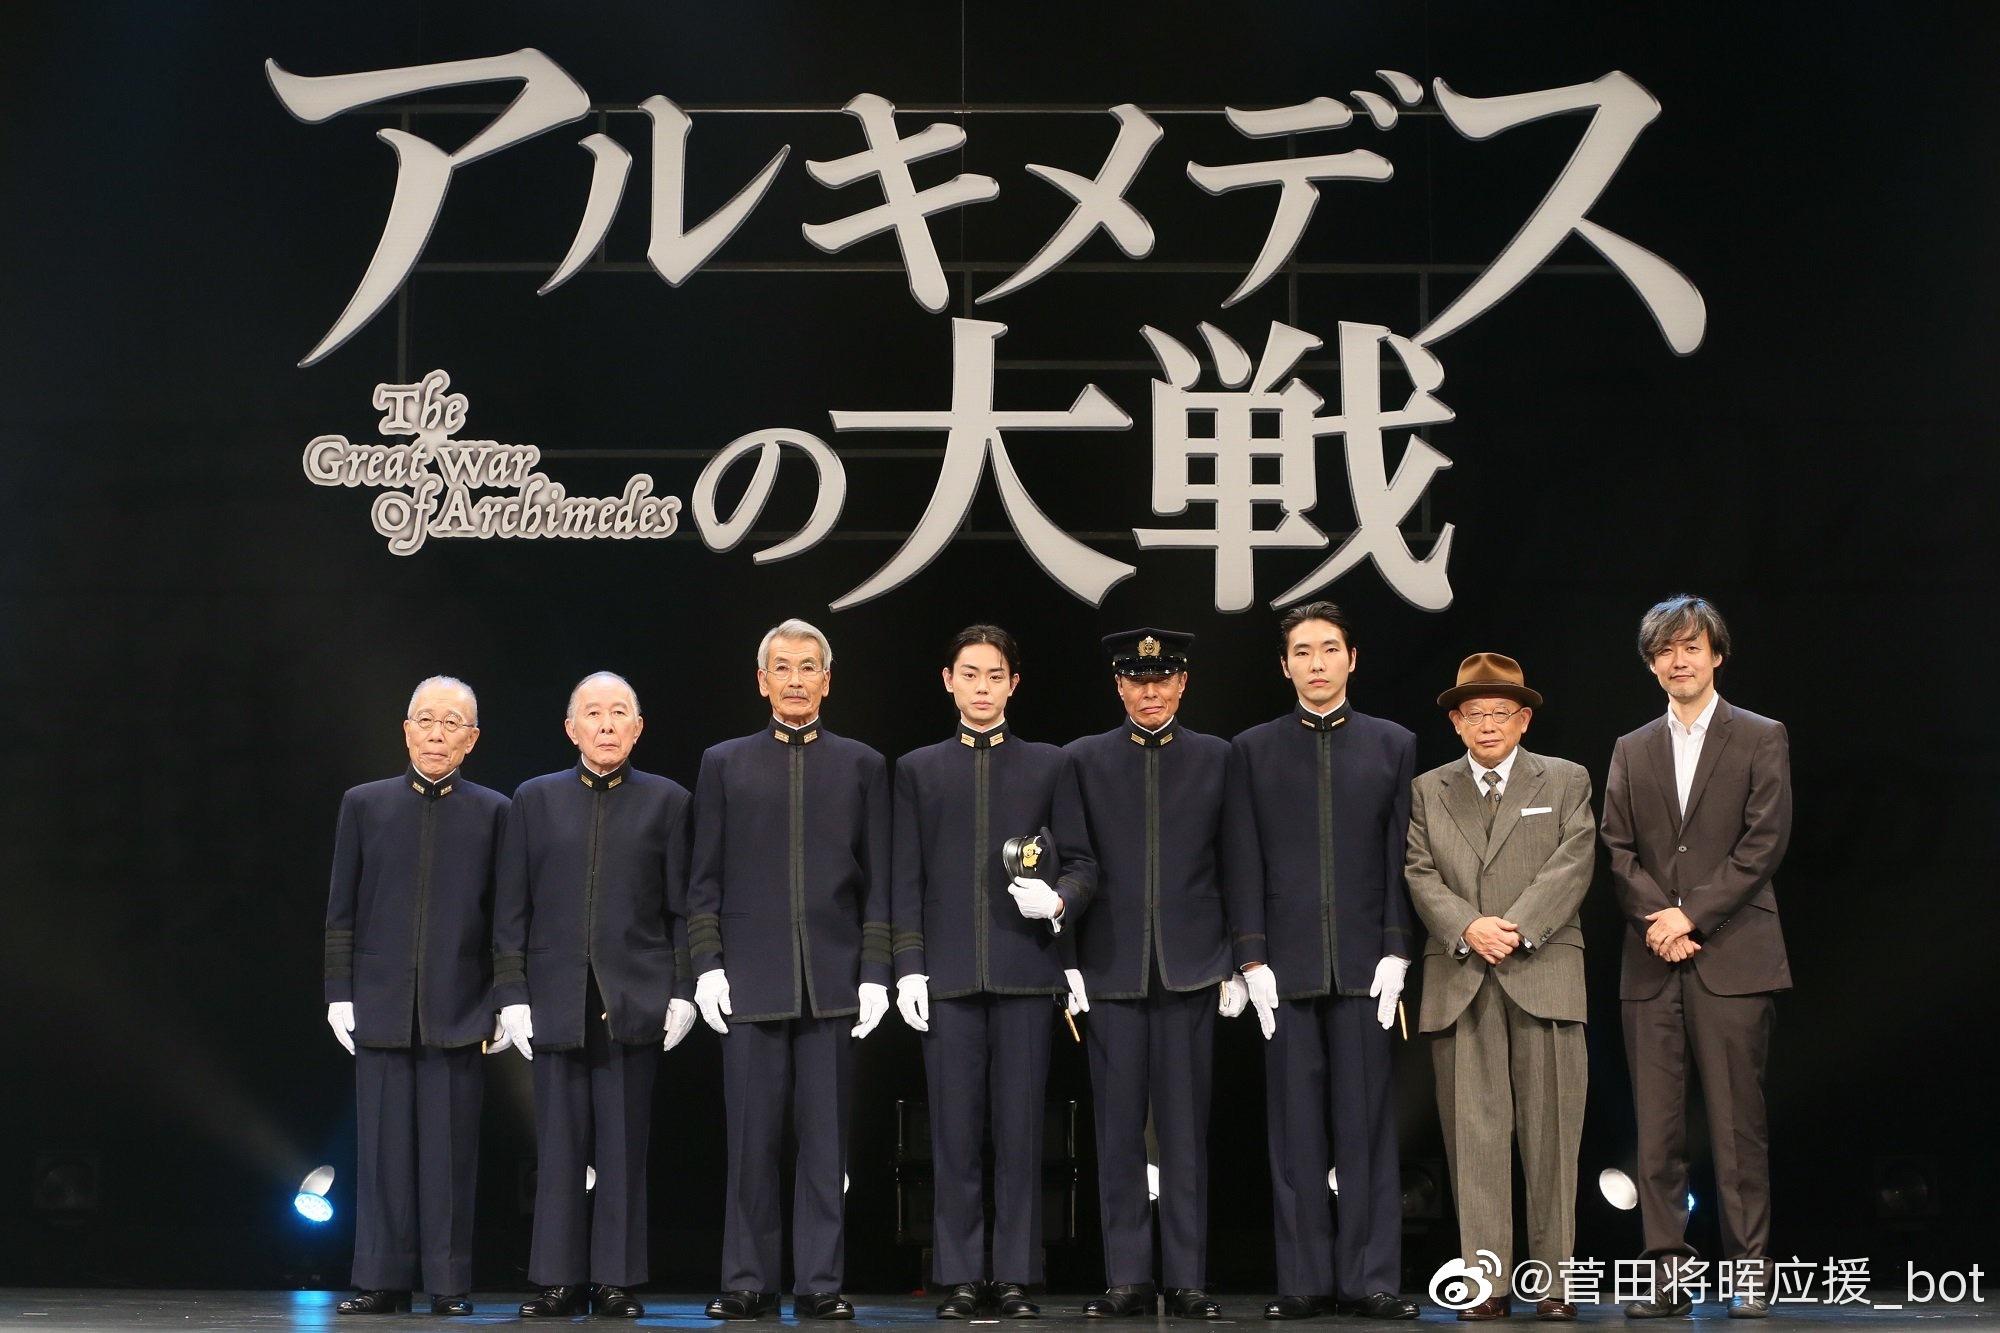 【阿基米德大战】完成公开试映会上映结束后…各位演员穿着剧中的服装惊喜登场❗️到场的…